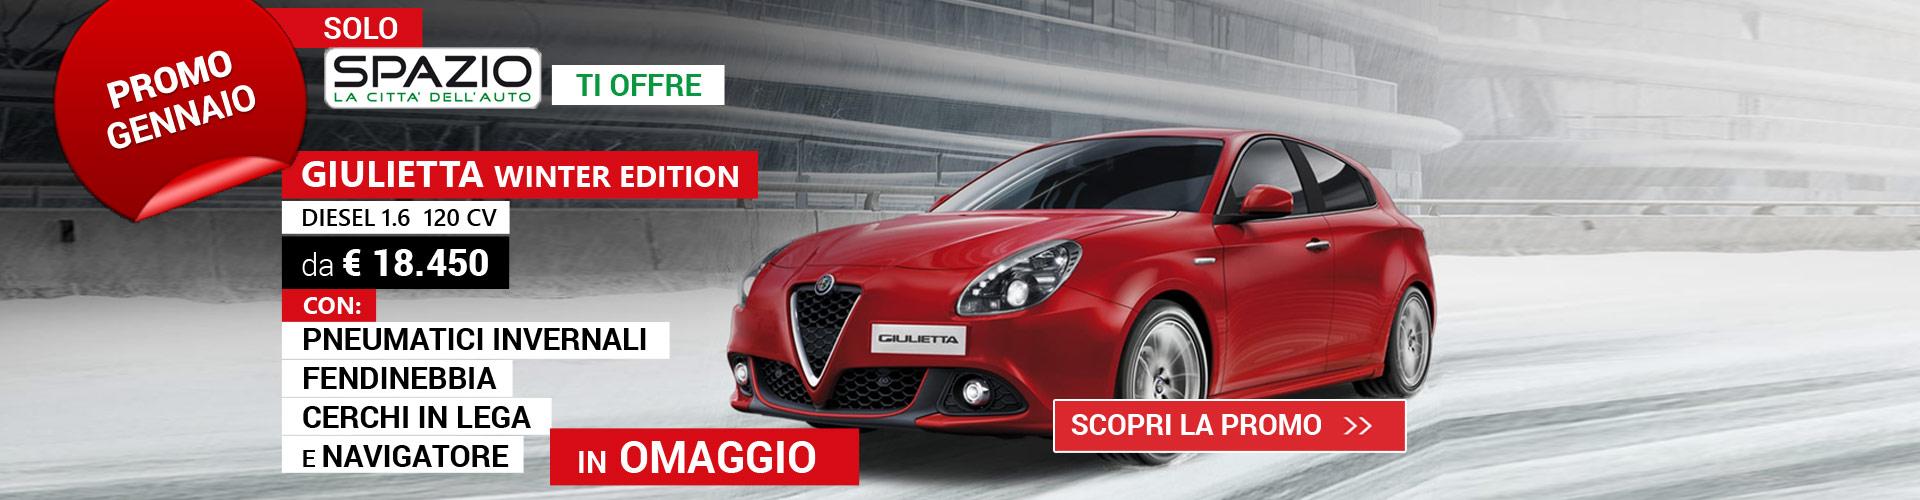 Giulietta Winter Edition Promo Spazio